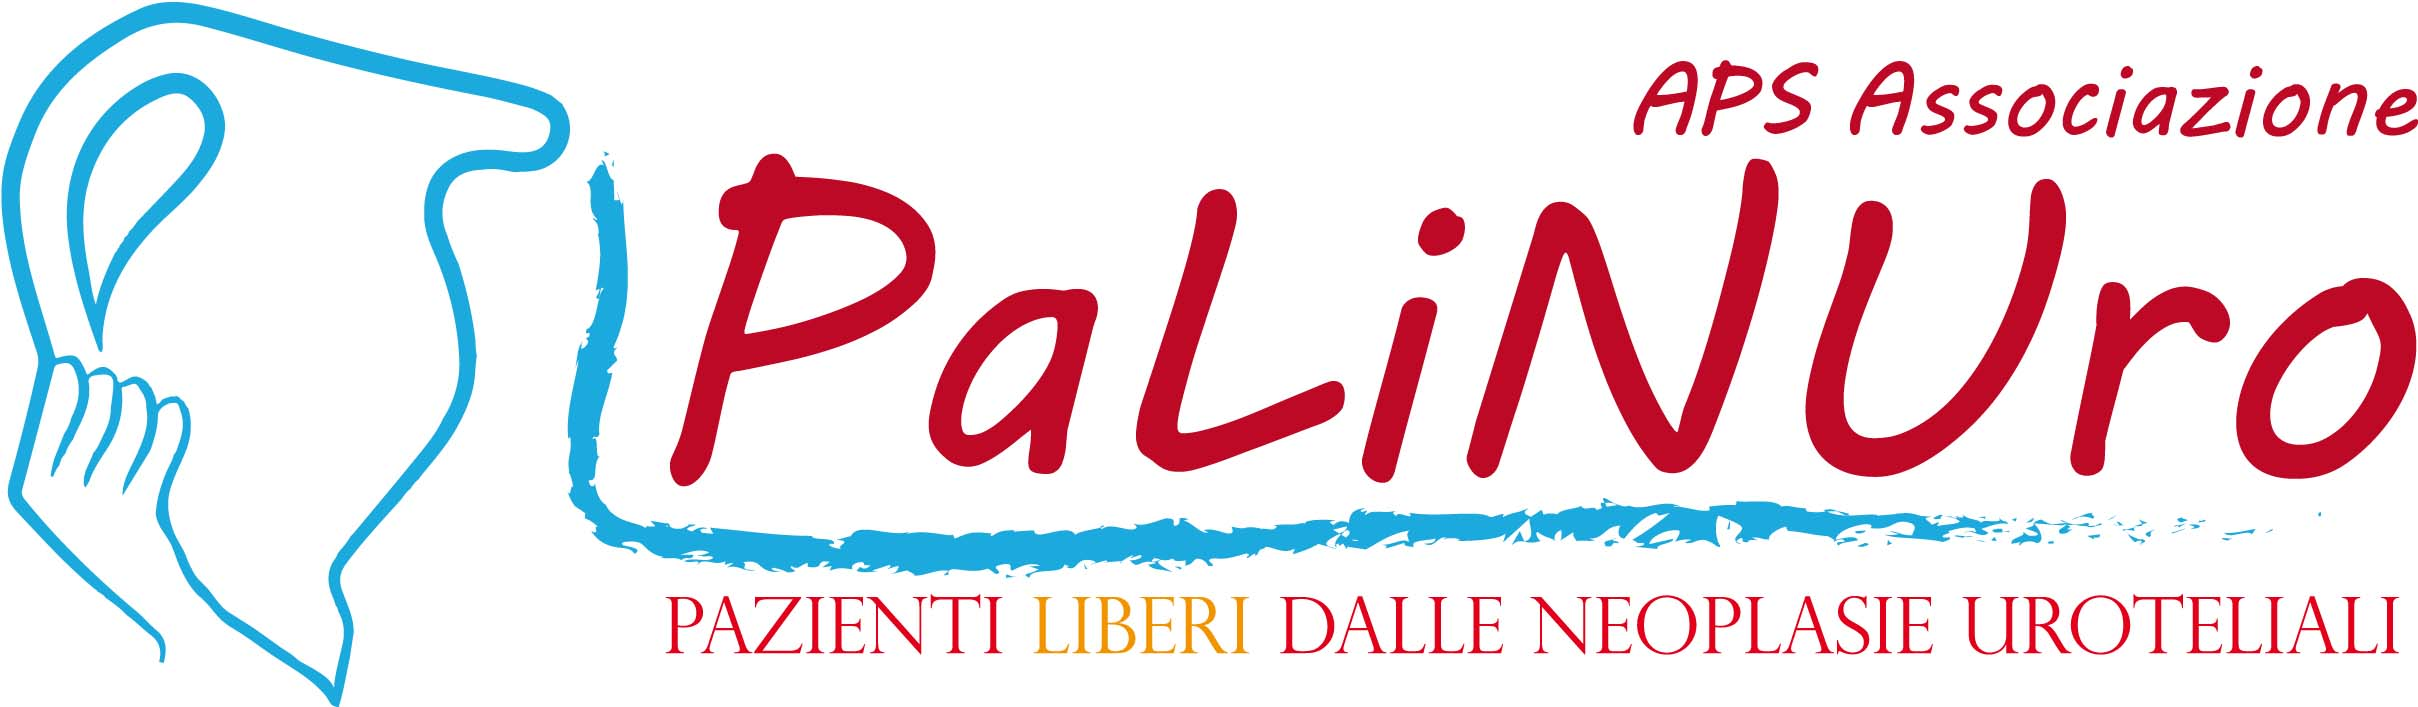 APS Associazione PaLiNUro